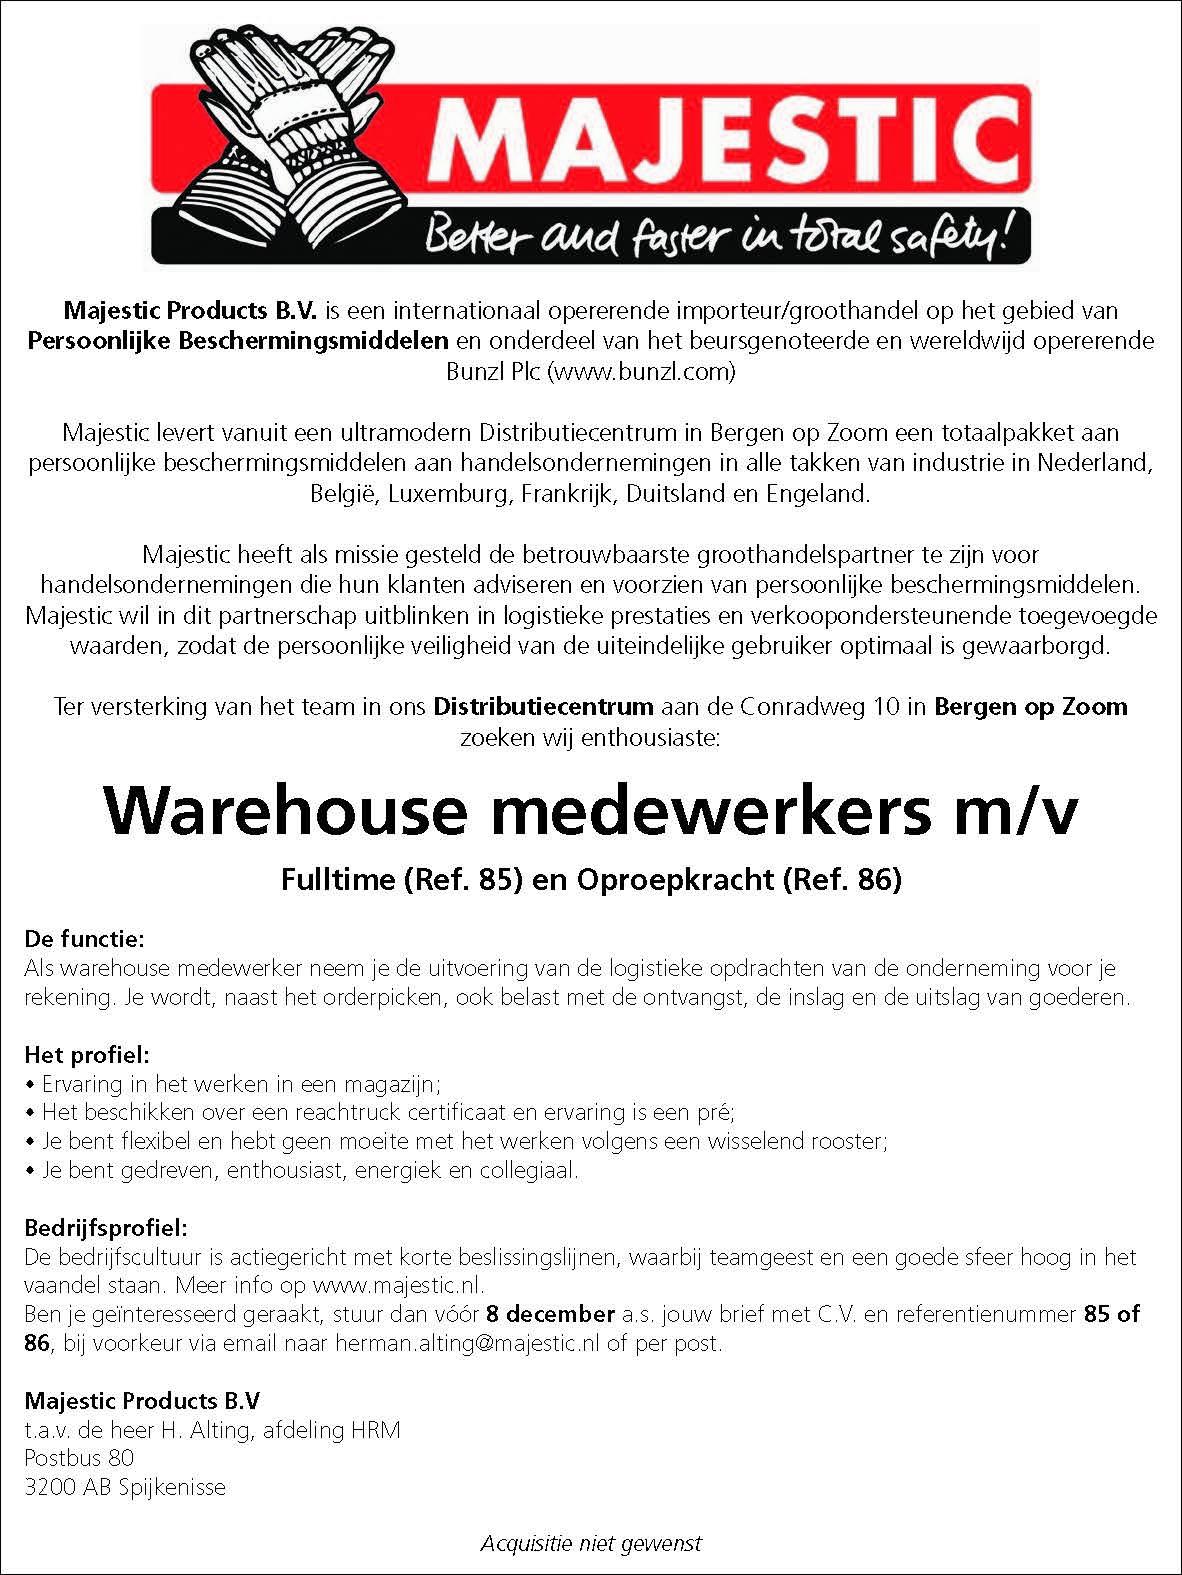 Warehouse Medewerker Brabantwerktnl